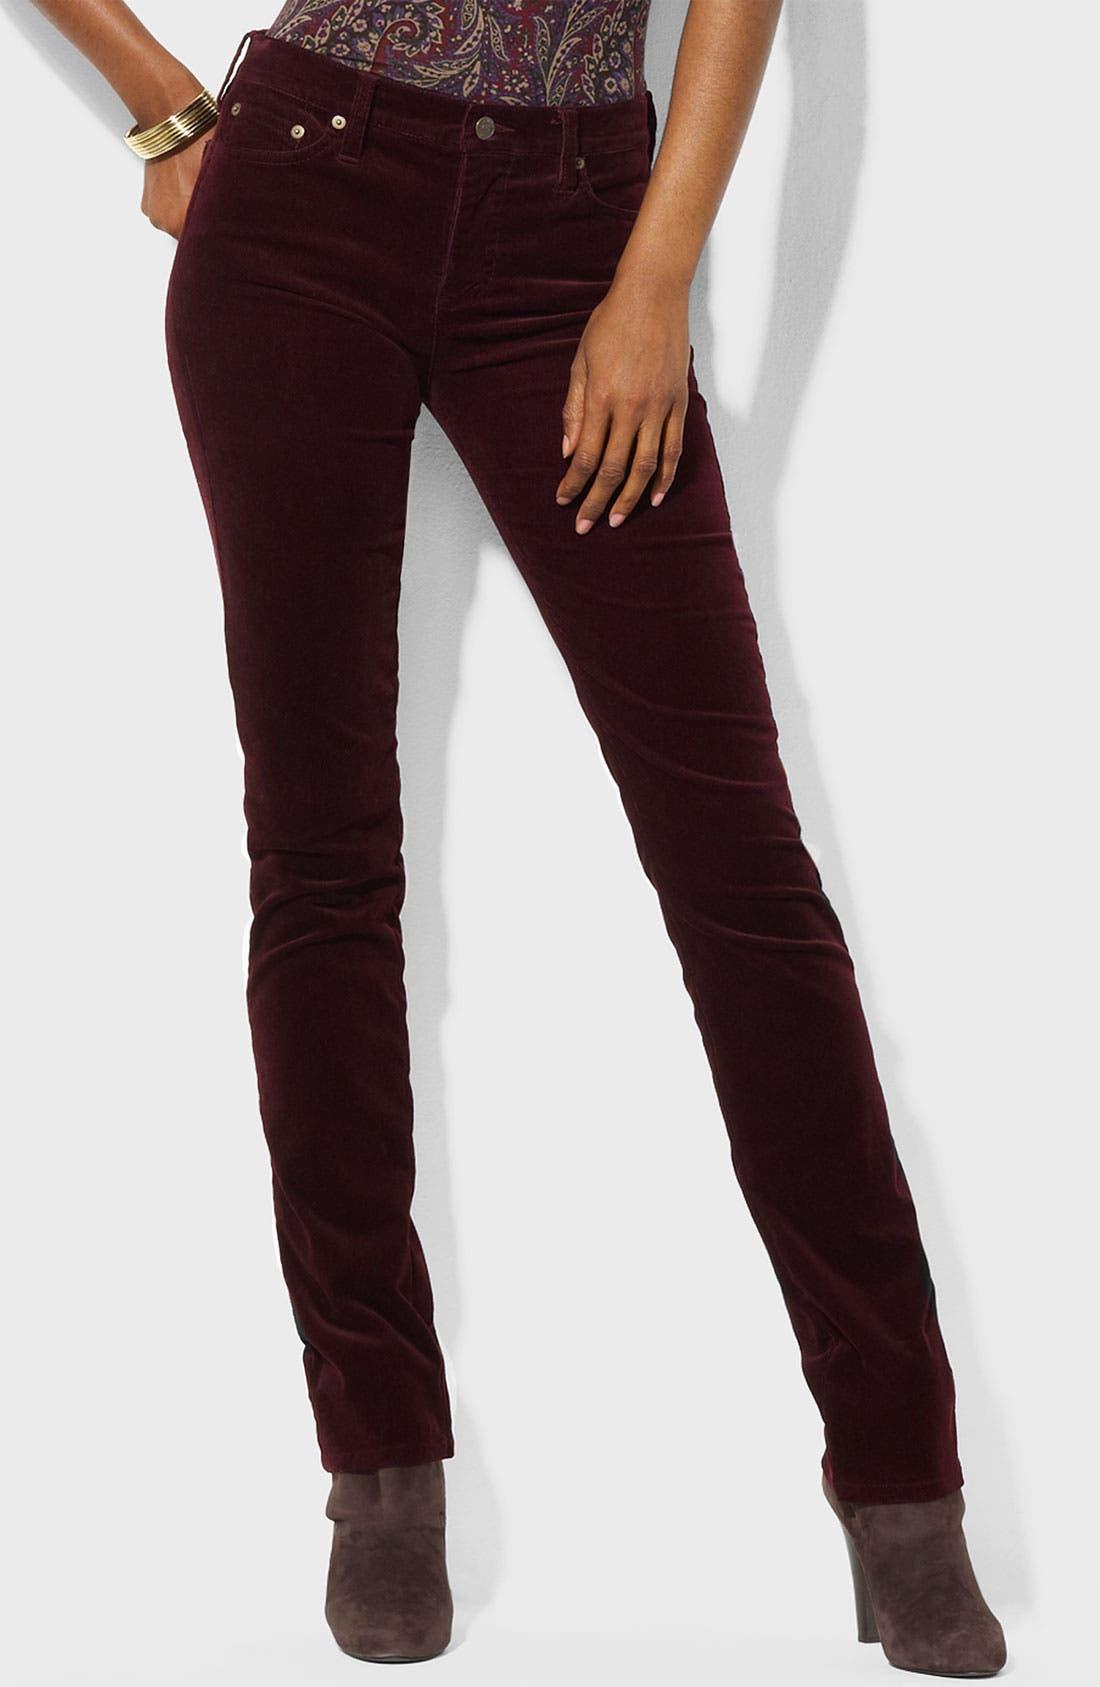 Alternate Image 1 Selected - Lauren Ralph Lauren Straight Leg Corduroy Pants (Petite) (Online Exclusive)